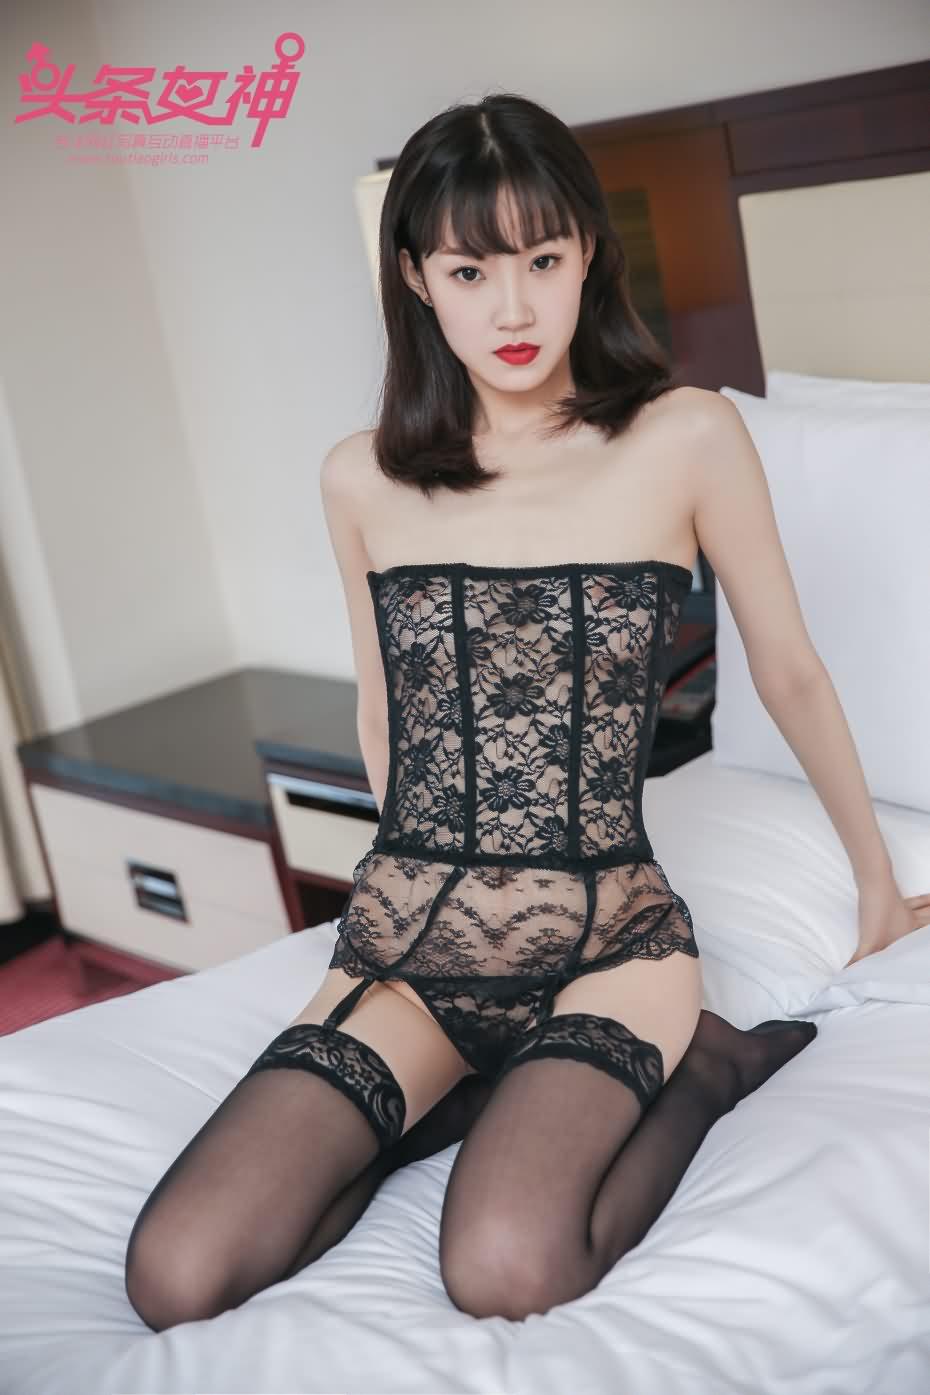 [头条女神] 丝足之乐 璐璐 2017-09-27 [25+1P-221M]